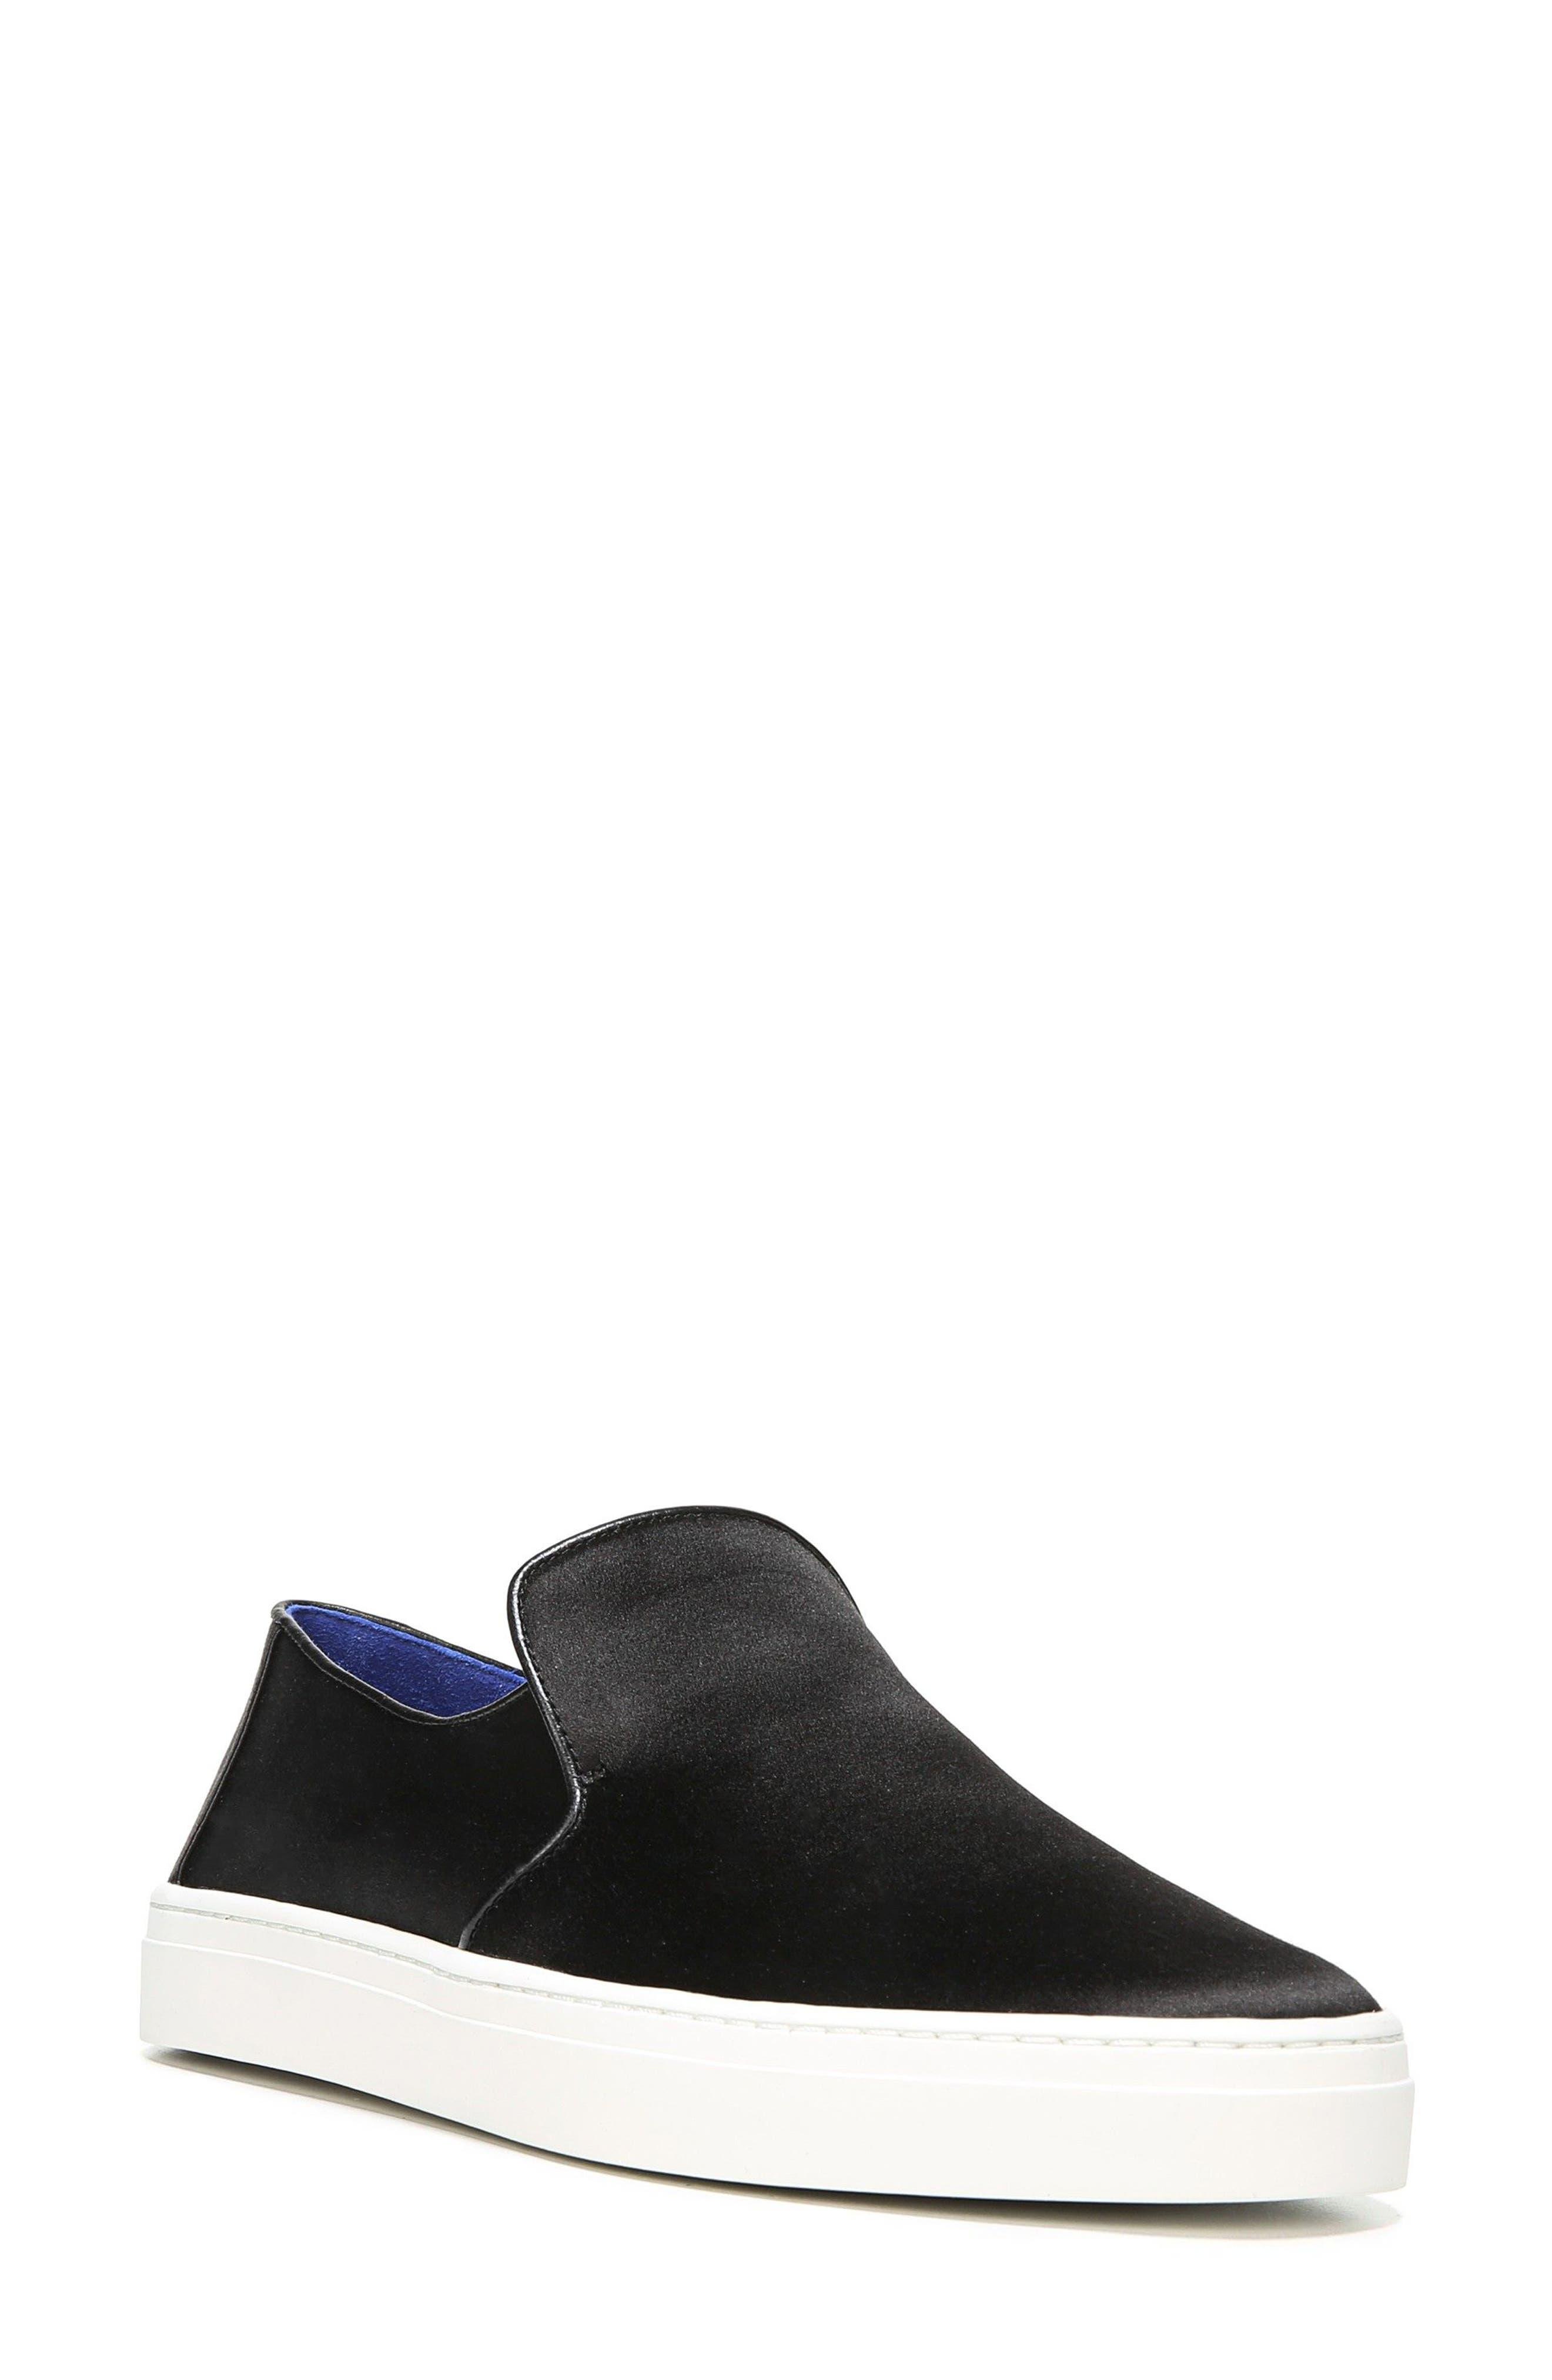 Budapest Slip-On Sneaker,                         Main,                         color, Black